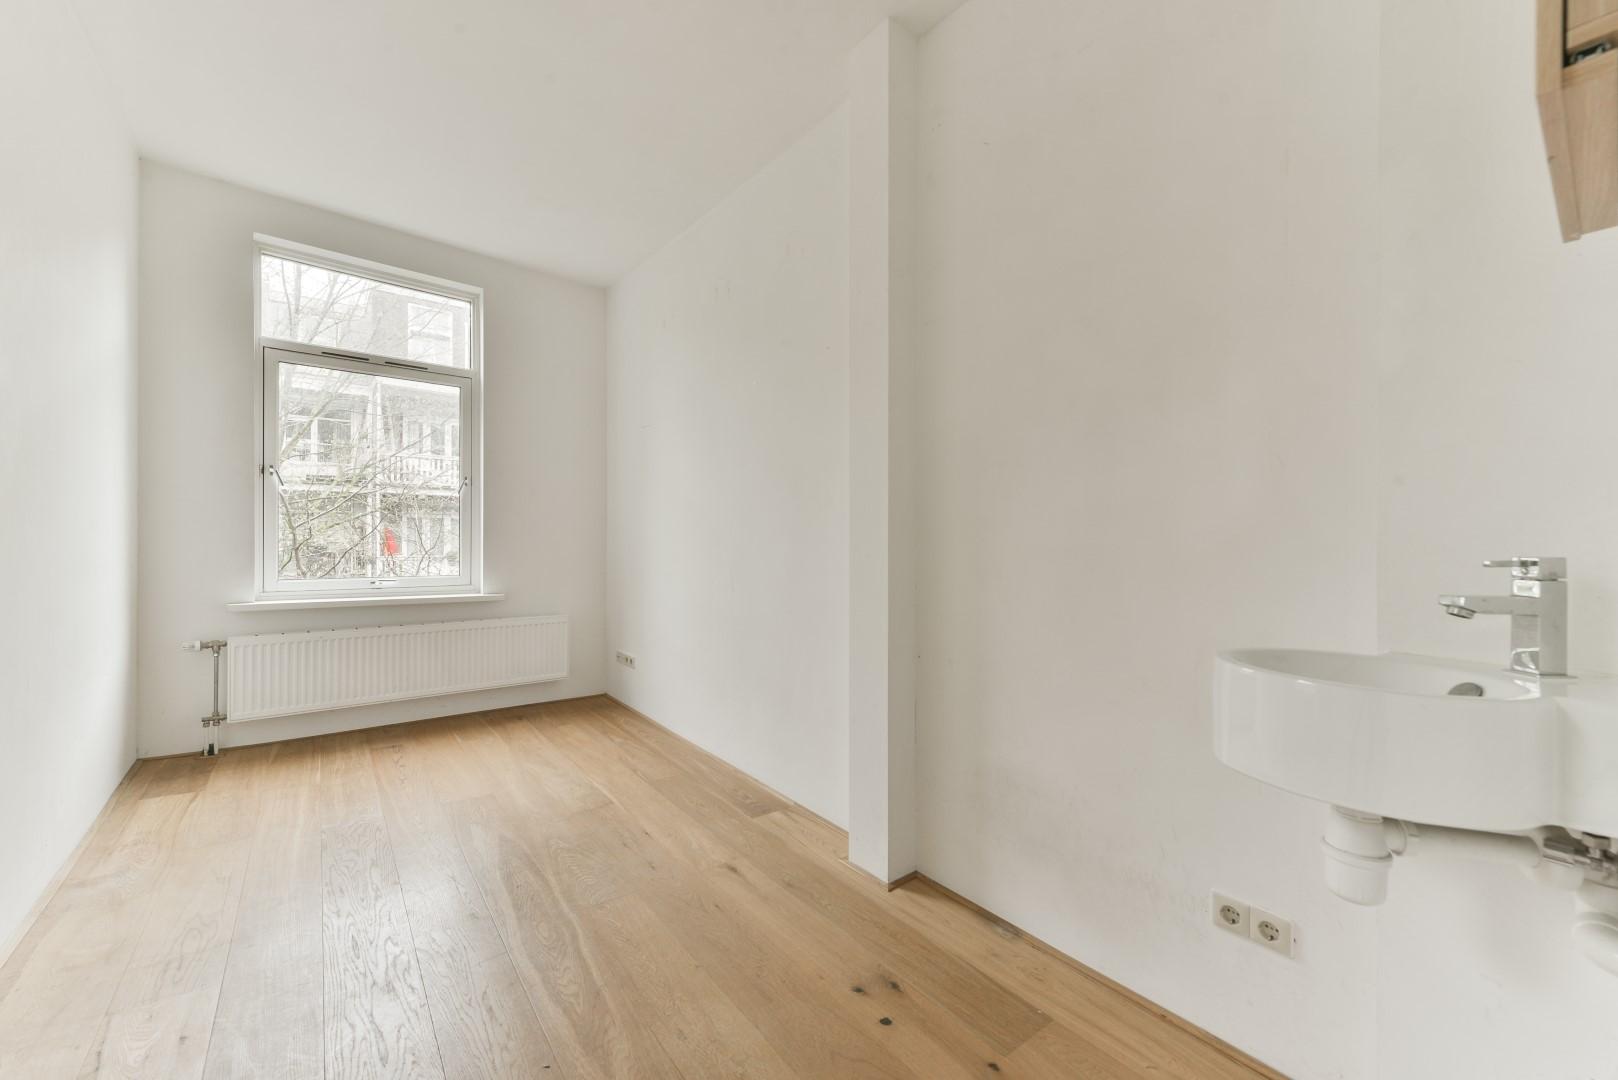 Schinkelkade 45 II 1075 VK, Amsterdam, Noord-Holland Nederland, 2 Slaapkamers Slaapkamers, ,1 BadkamerBadkamers,Appartement,Huur,Schinkelkade,2,1552